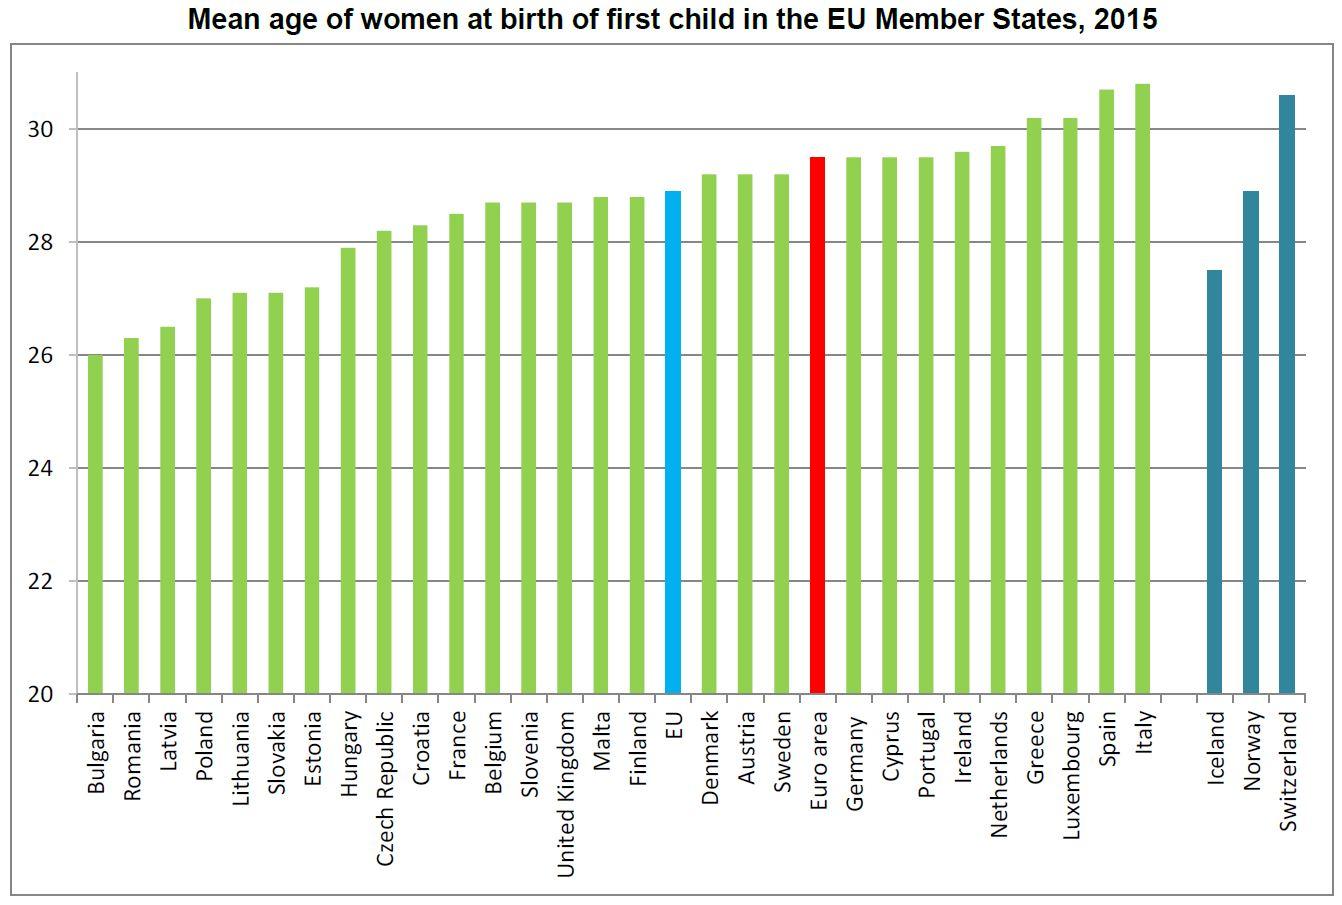 Média das idades das mulheres no primeiro filho(a)